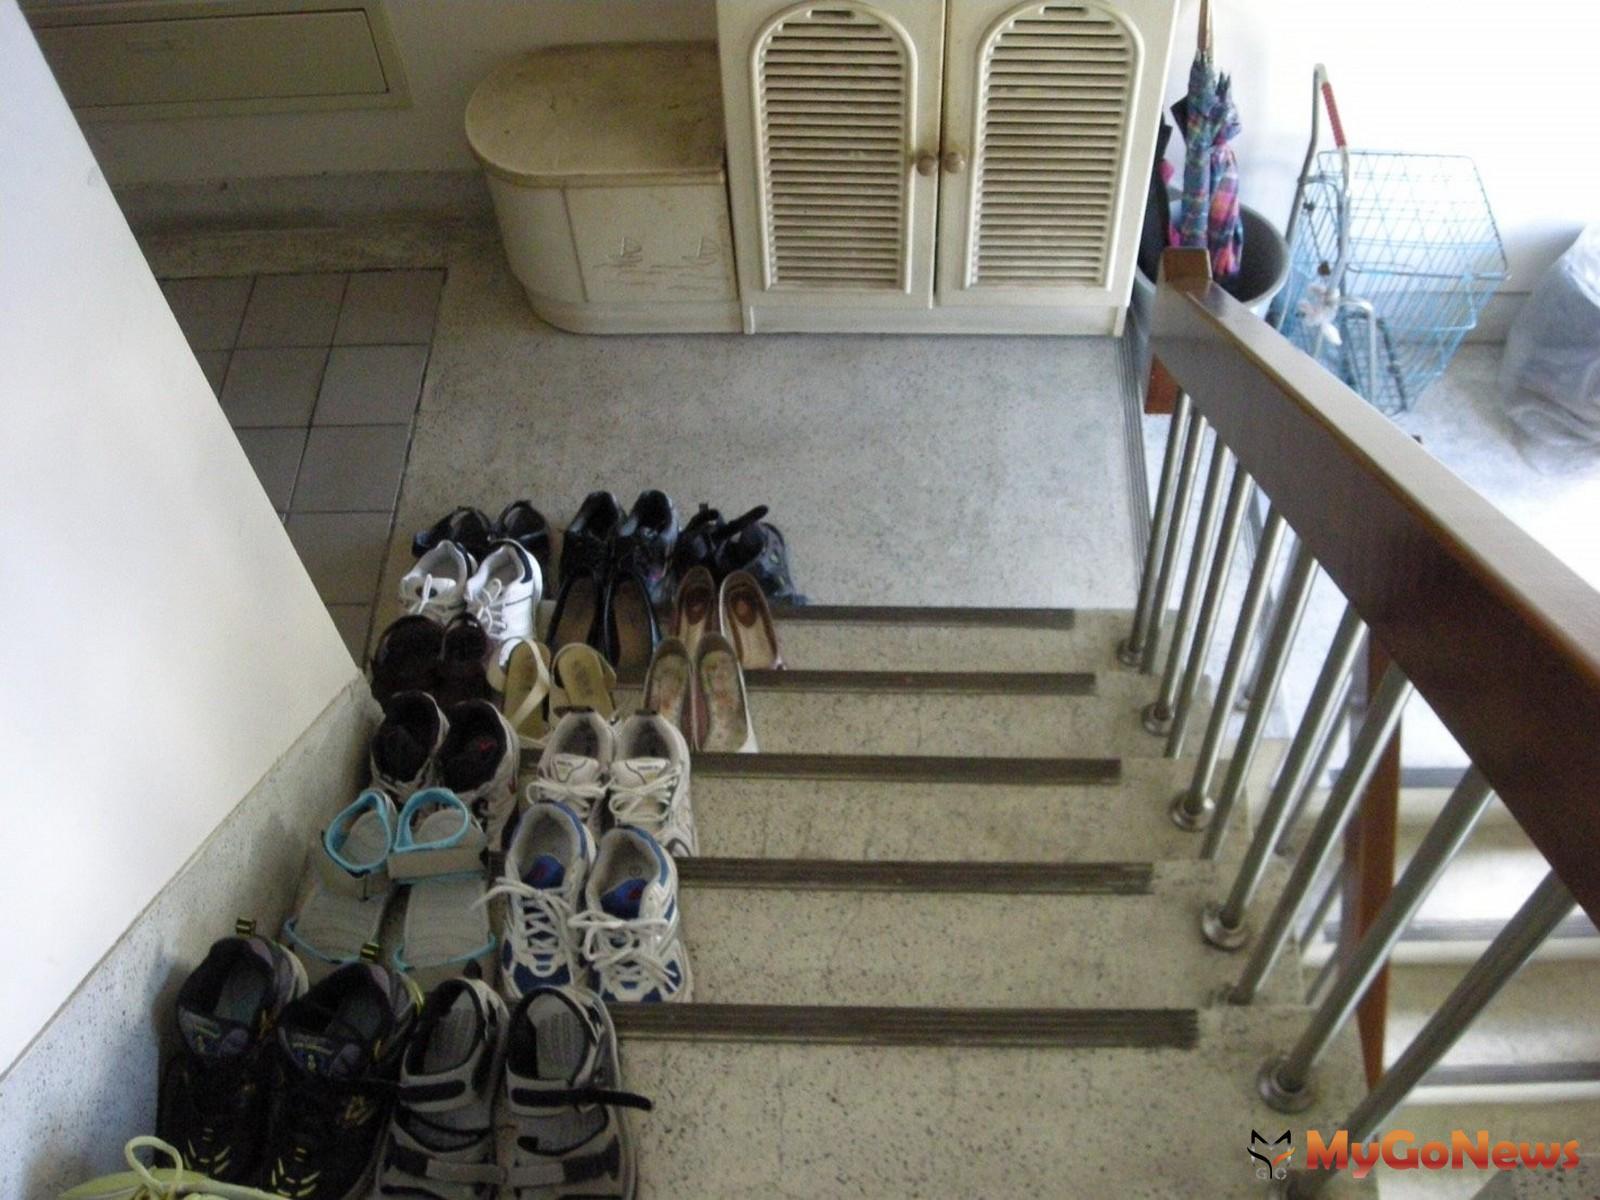 社區住戶走廊樓梯堆雜物妨礙出入,最少罰4萬元(圖/台北市政府) MyGoNews房地產新聞 安全家居